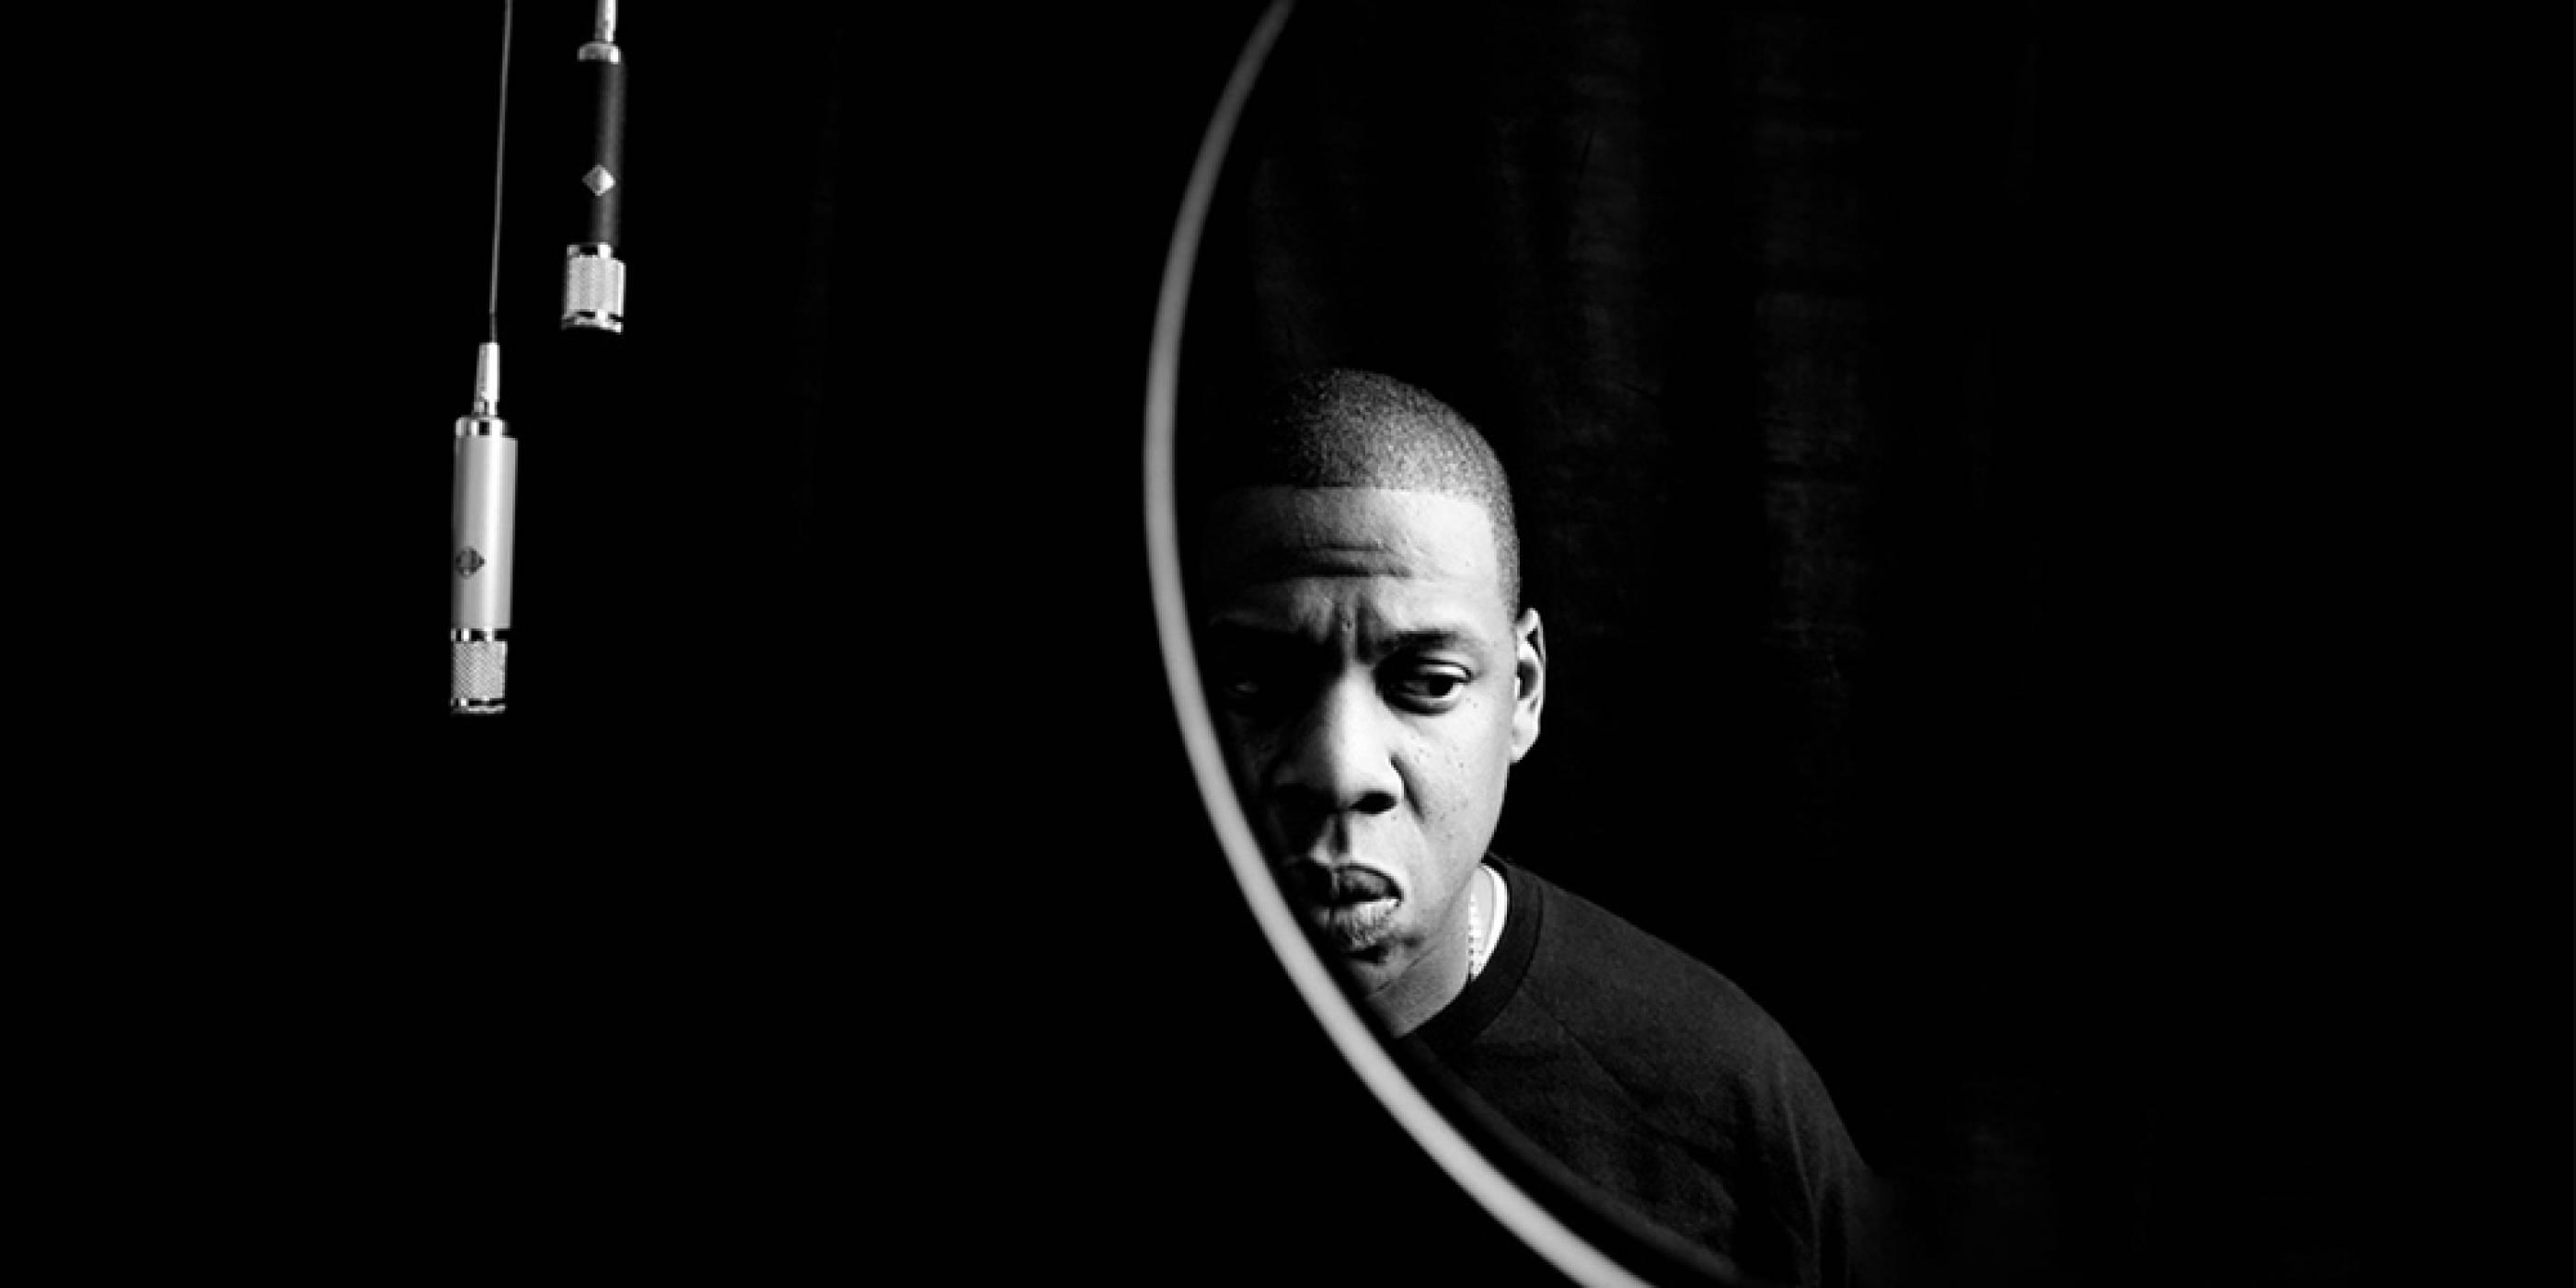 Музикалните албуми на Jay-Z са отново на разположение в Apple Music